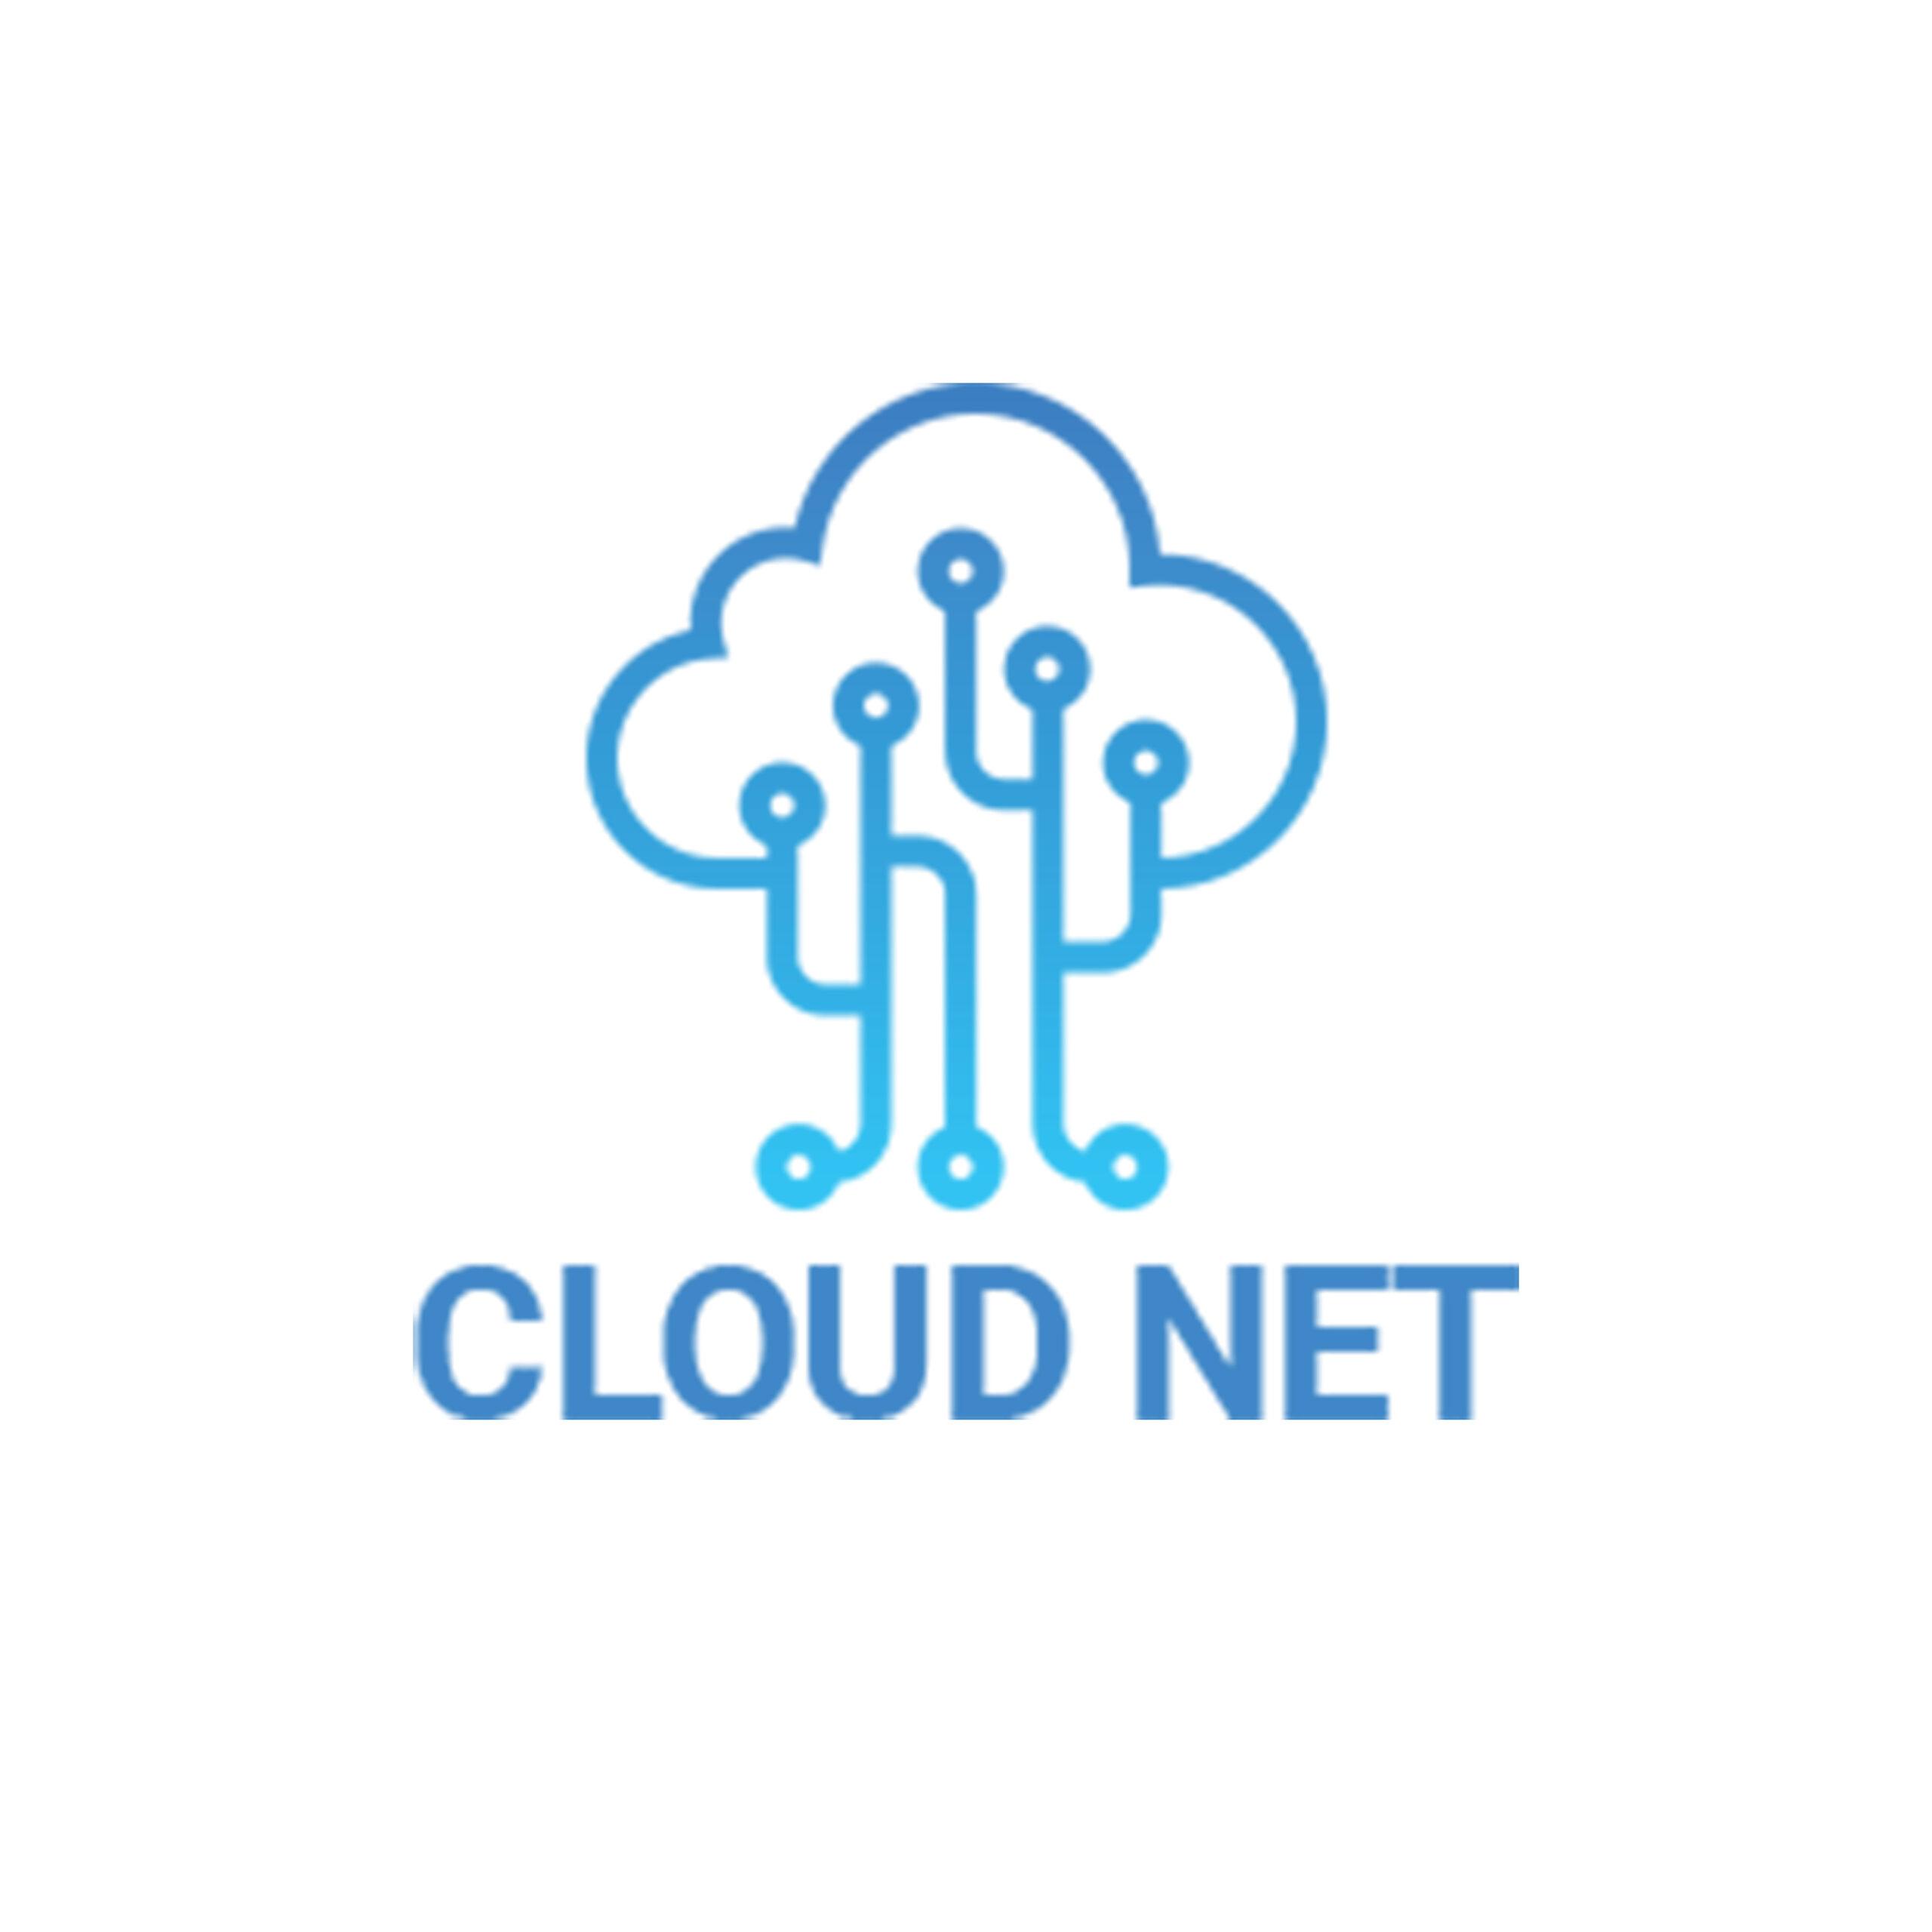 CLOUD NET WEBSITE MASTER